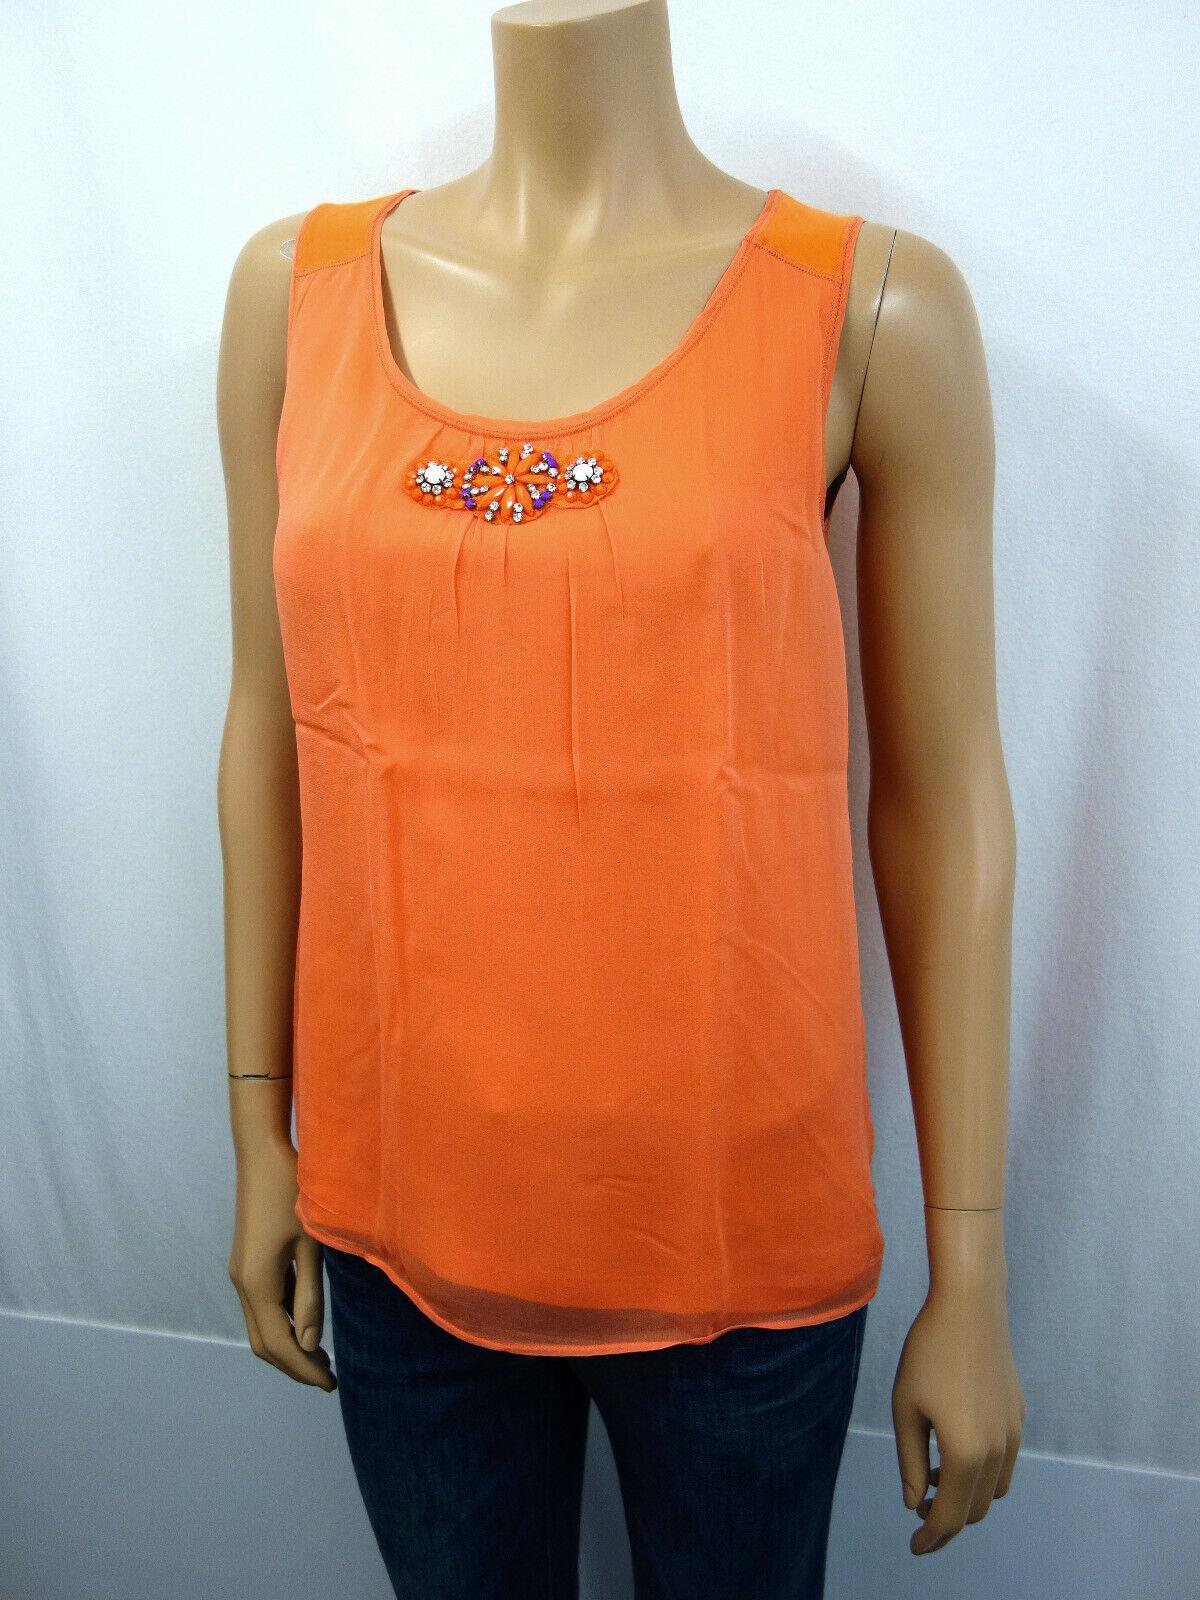 LAURÈL Designer Seidentop Top Shirt Gr.36 100% Seide Schmucksteine Strass Orange